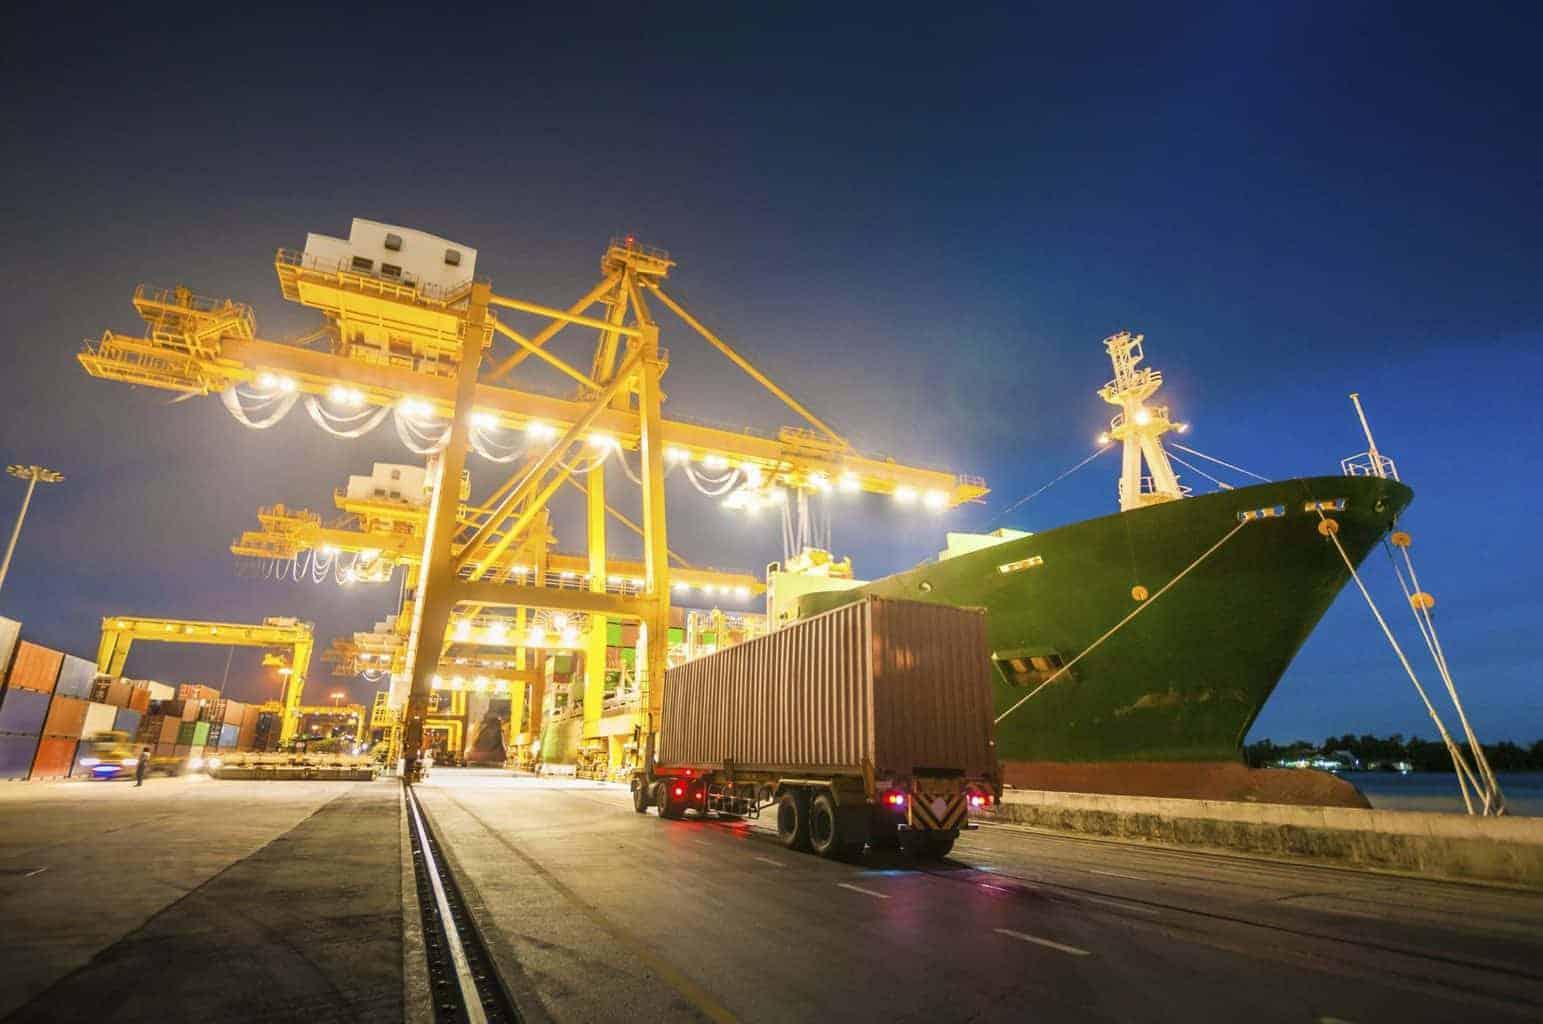 Crane Controls And Materials Handling